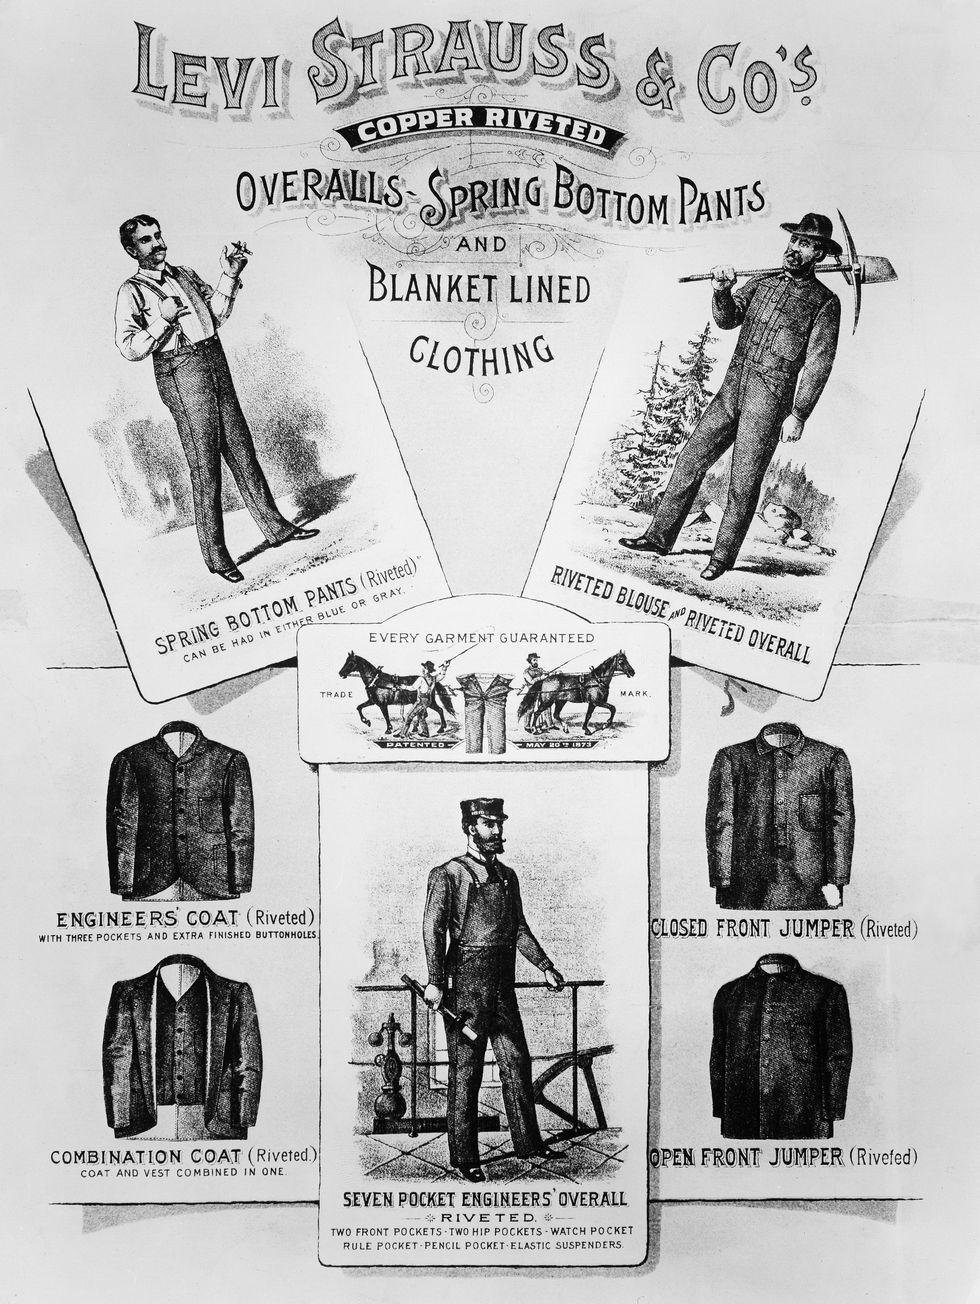 Năm 1880, Trong quảng cáo denim đầu tiên được biết đến, Levi Stratuss cho khách hàng thấy những sản phẩm được cung cấp.